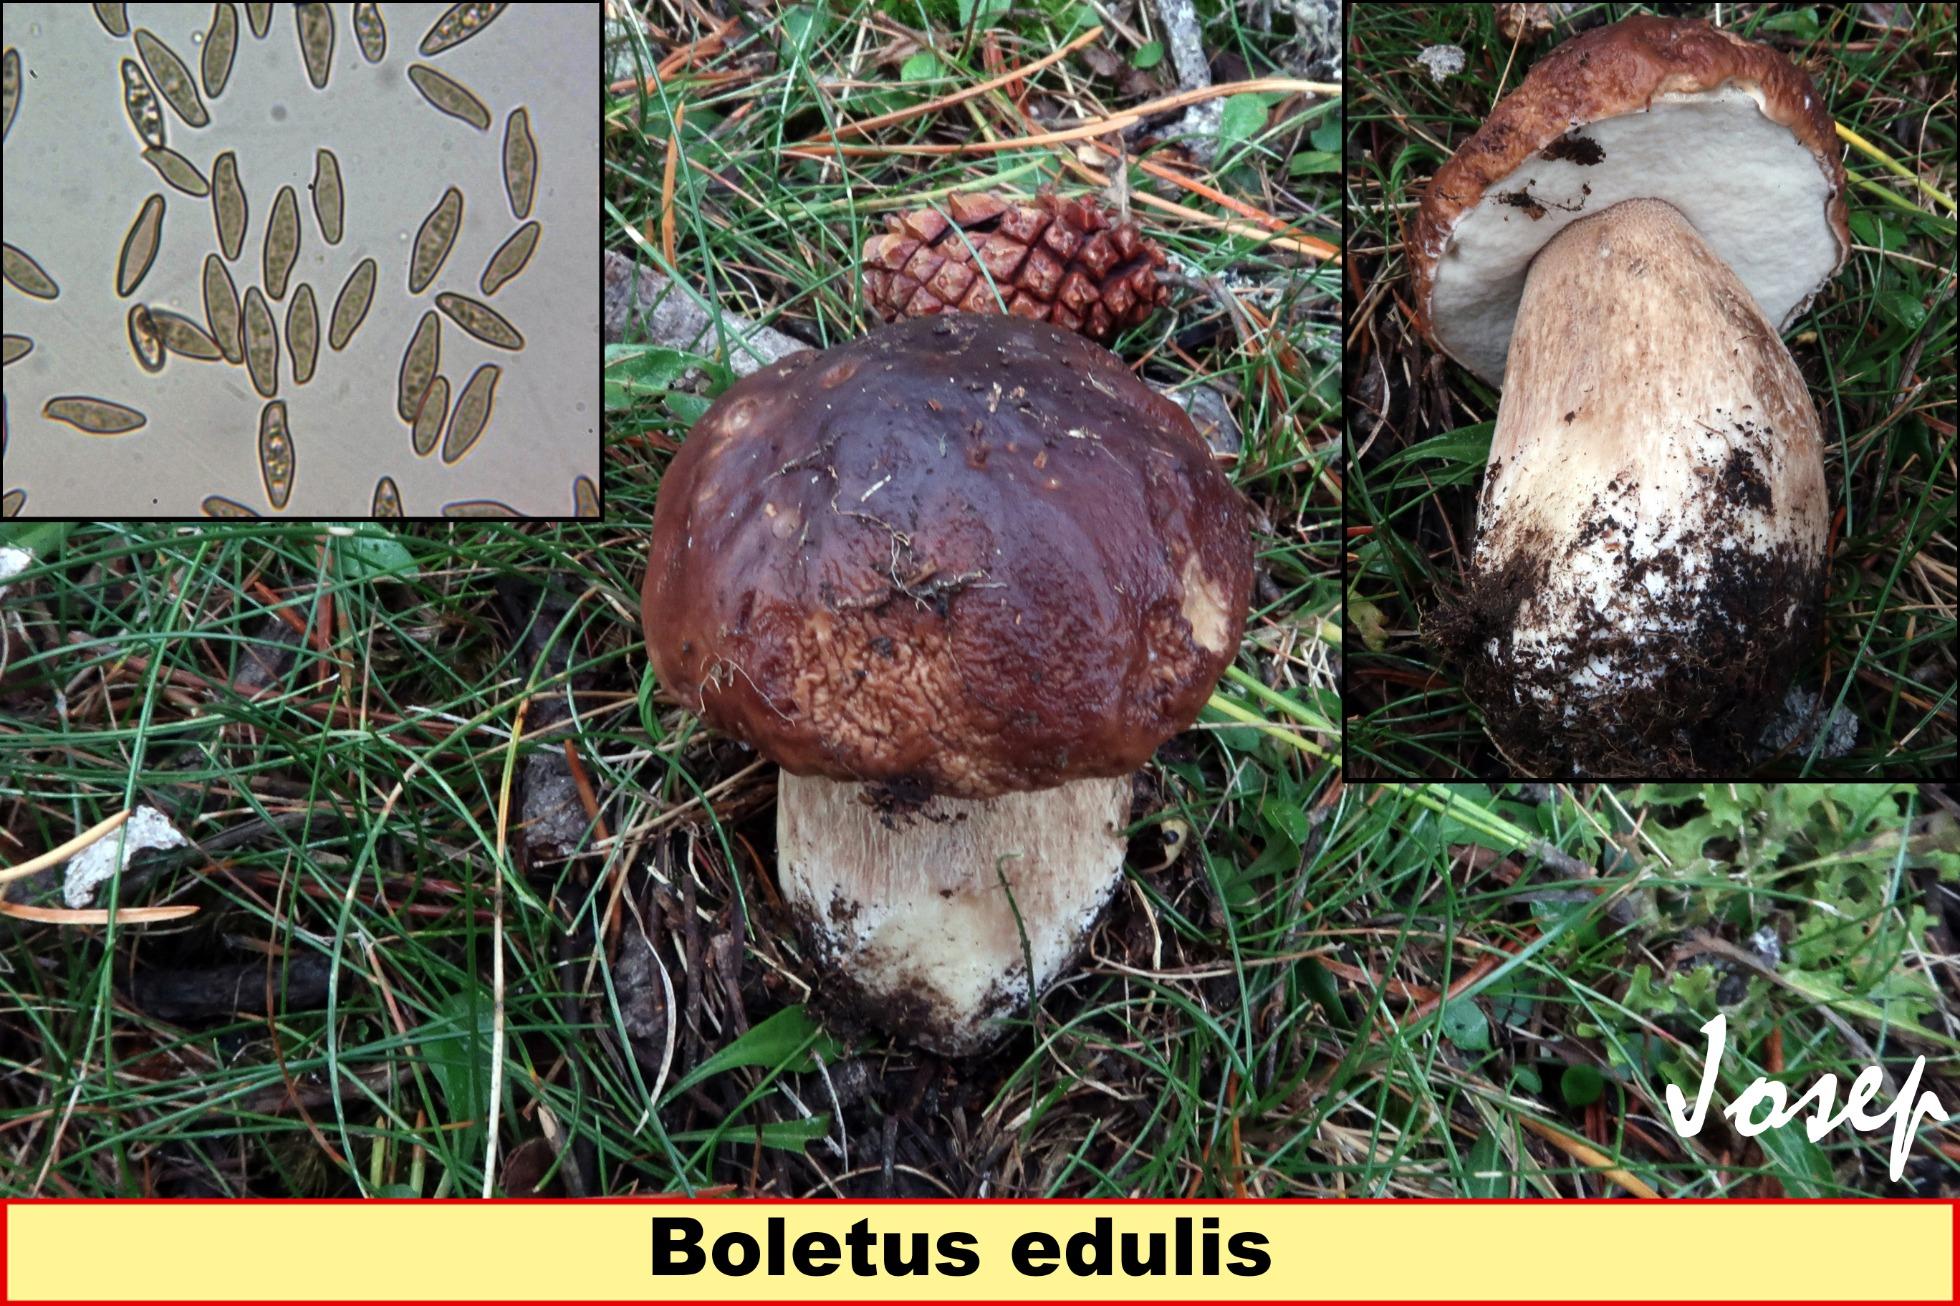 Boletusedulis_2019-11-26.jpg